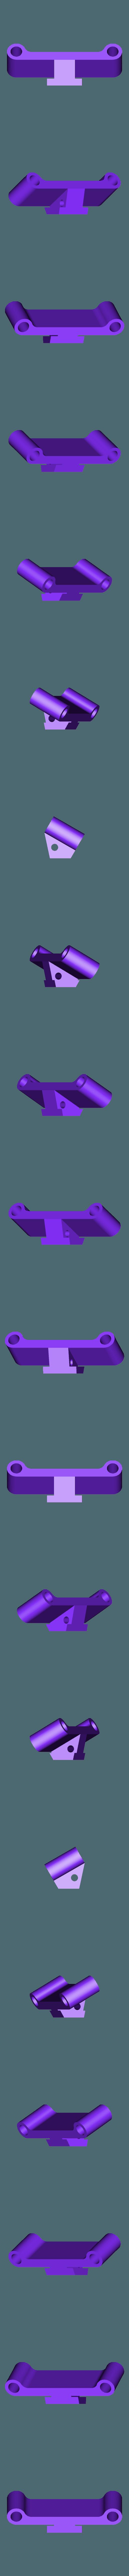 mount_sess_V2_5T.stl Télécharger fichier STL gratuit ALIEN 5 SOFT MOUNT MADCASE CLIP DE SESSION (FR) • Plan pour imprimante 3D, Rhizamax